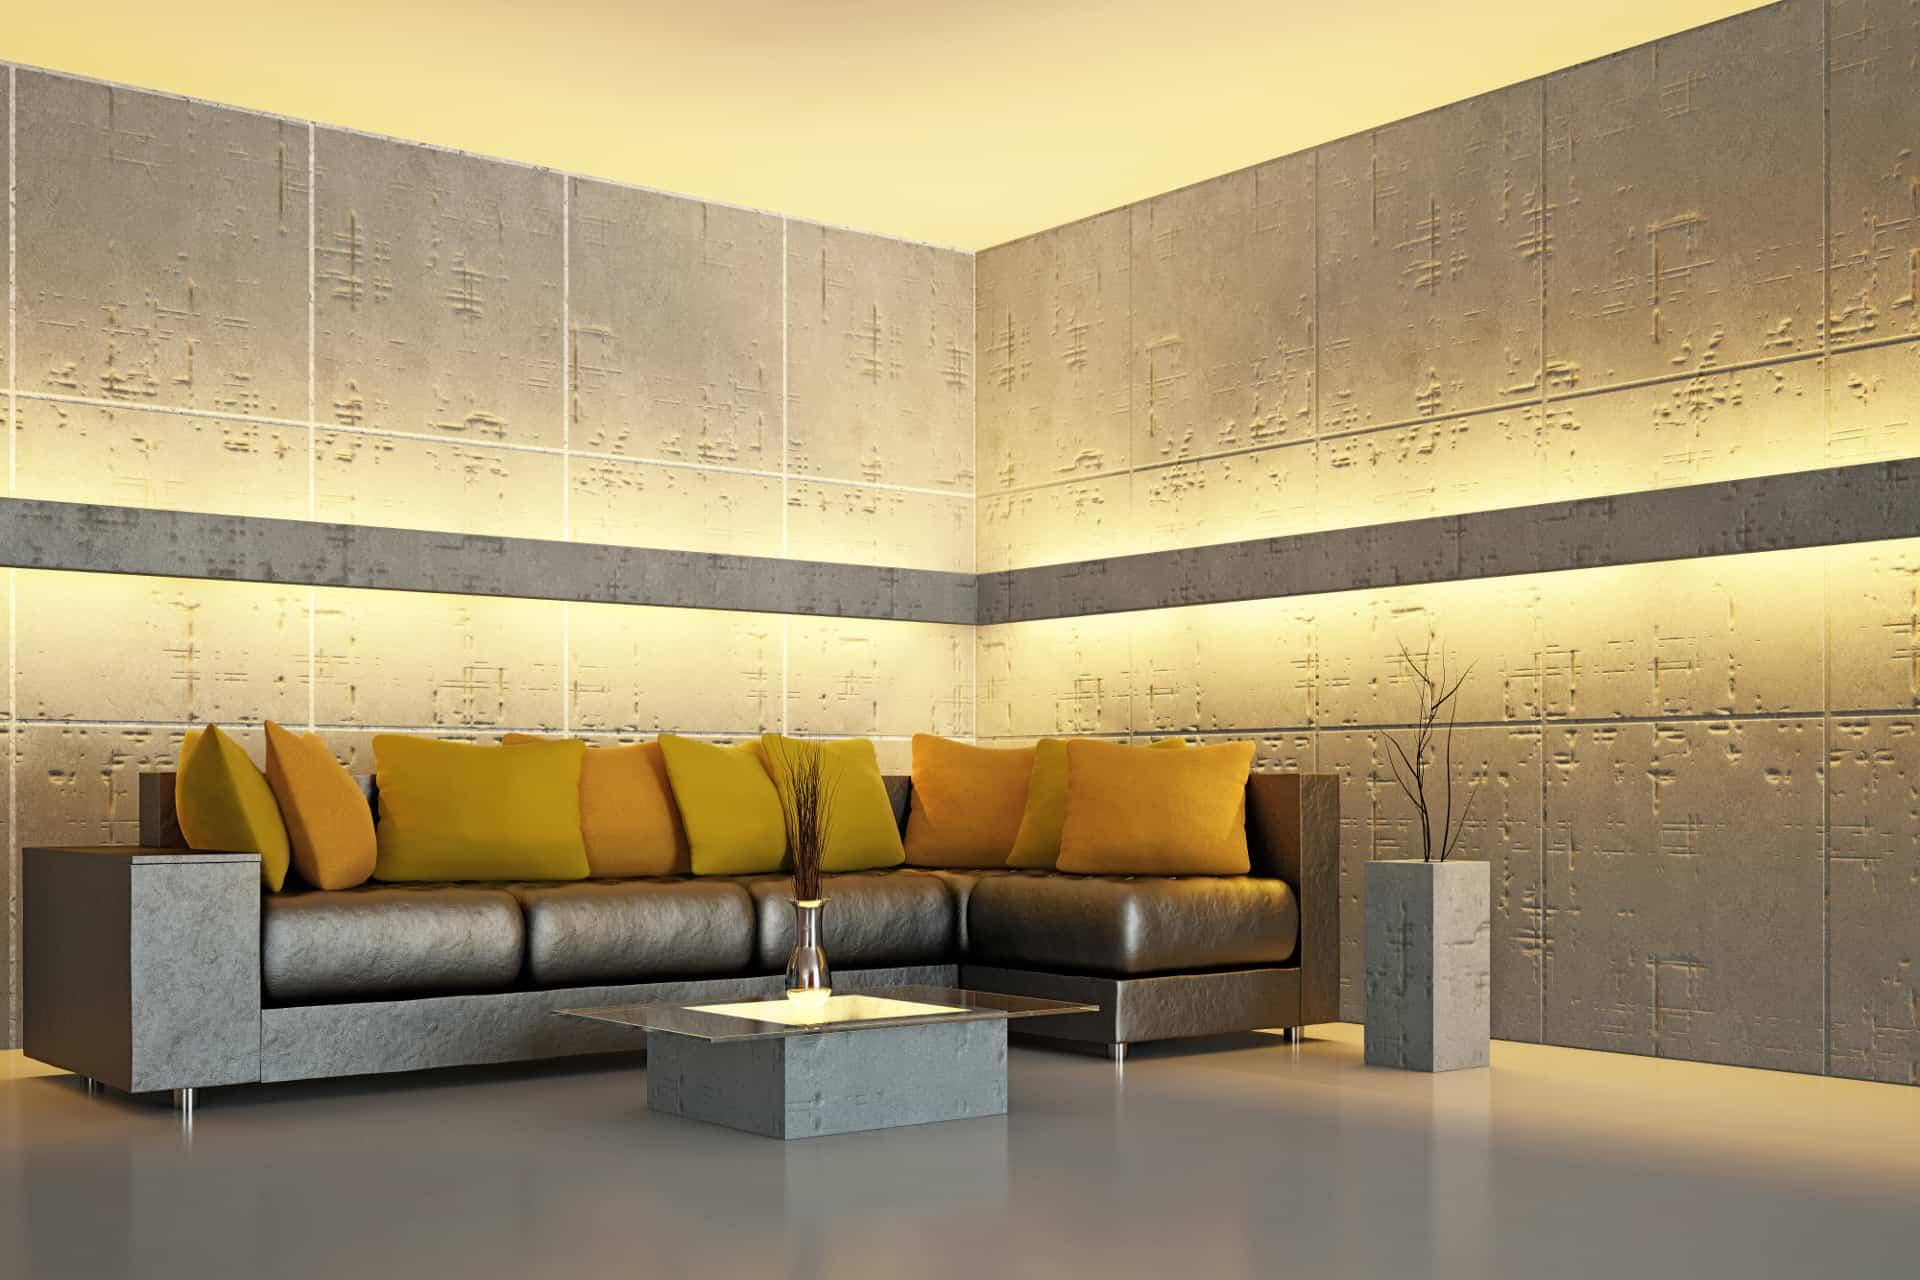 Full Size of Indirekte Beleuchtung Decke So Schn Ist Mit Led Licht Deckenleuchte Wohnzimmer Deckenlampe Küche Deckenlampen Schlafzimmer Modern Decken Im Bad Deckenleuchten Wohnzimmer Indirekte Beleuchtung Decke